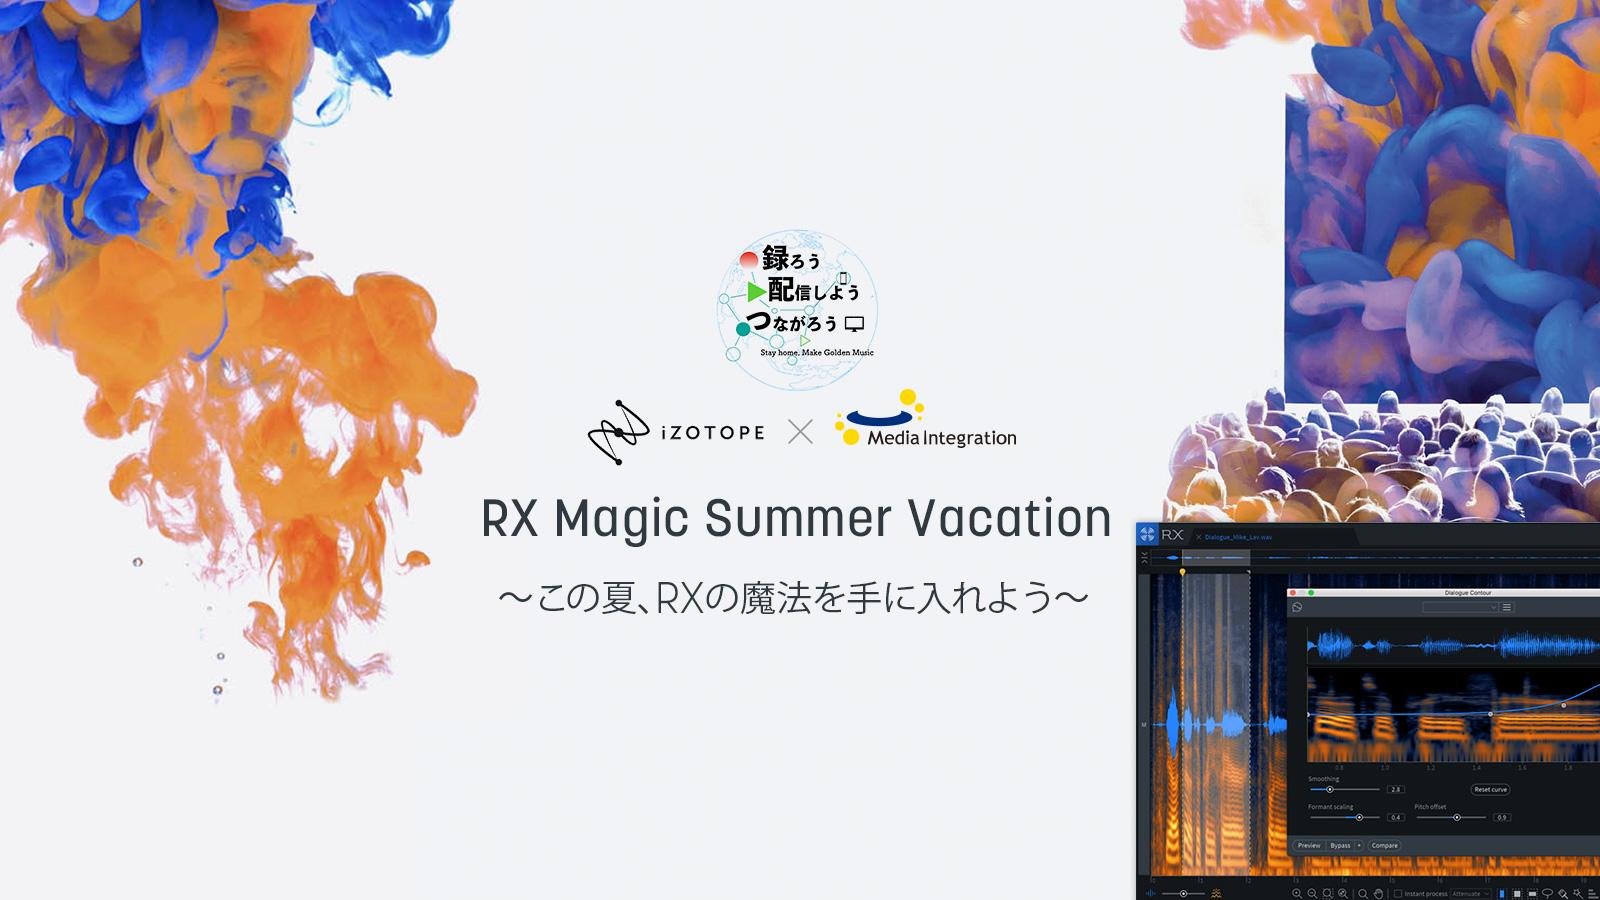 【無料】iZotope RX 7 Elements が期間限定で無償配布中!